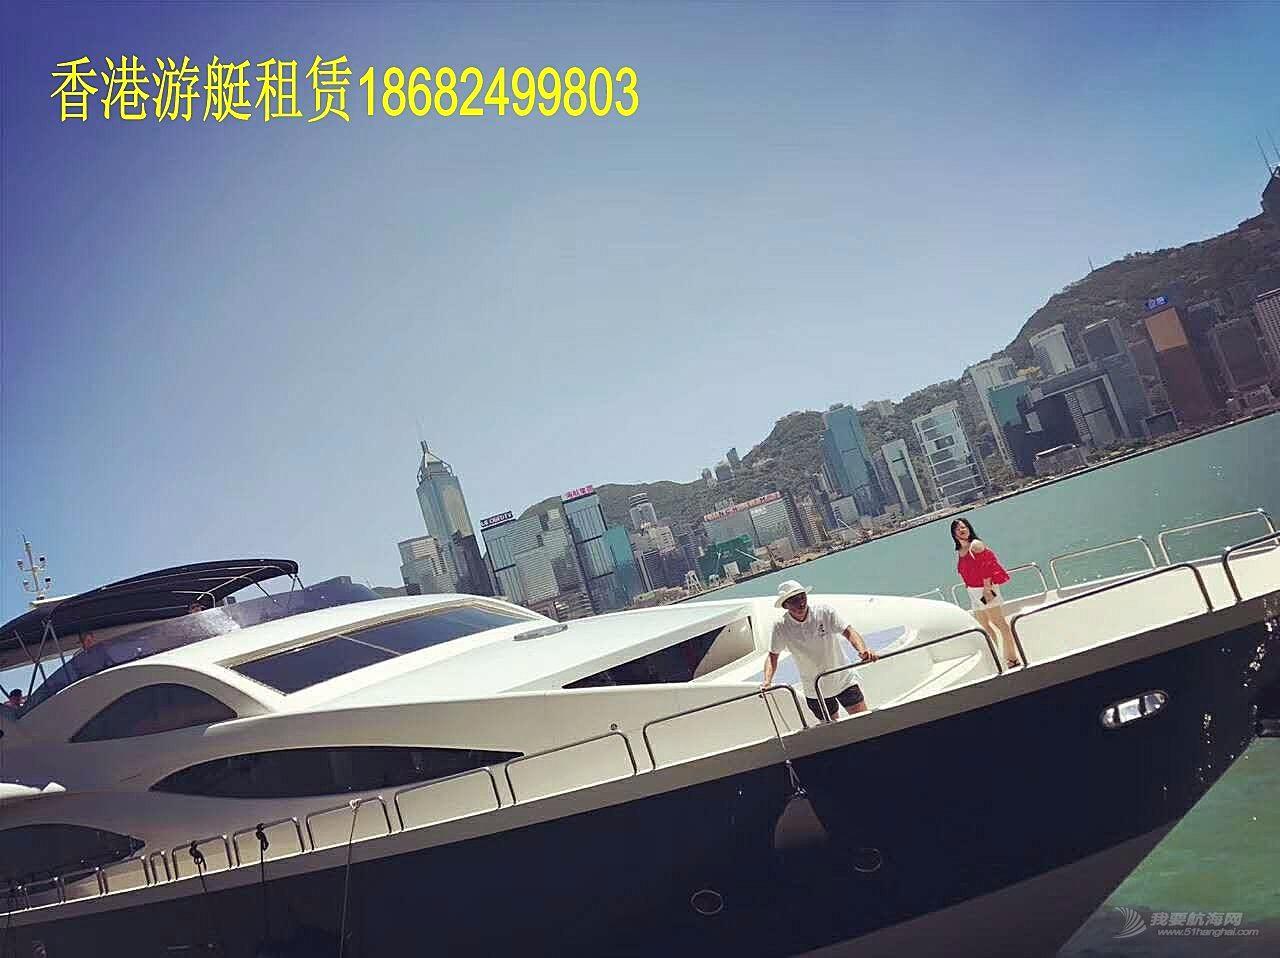 香港游艇租赁